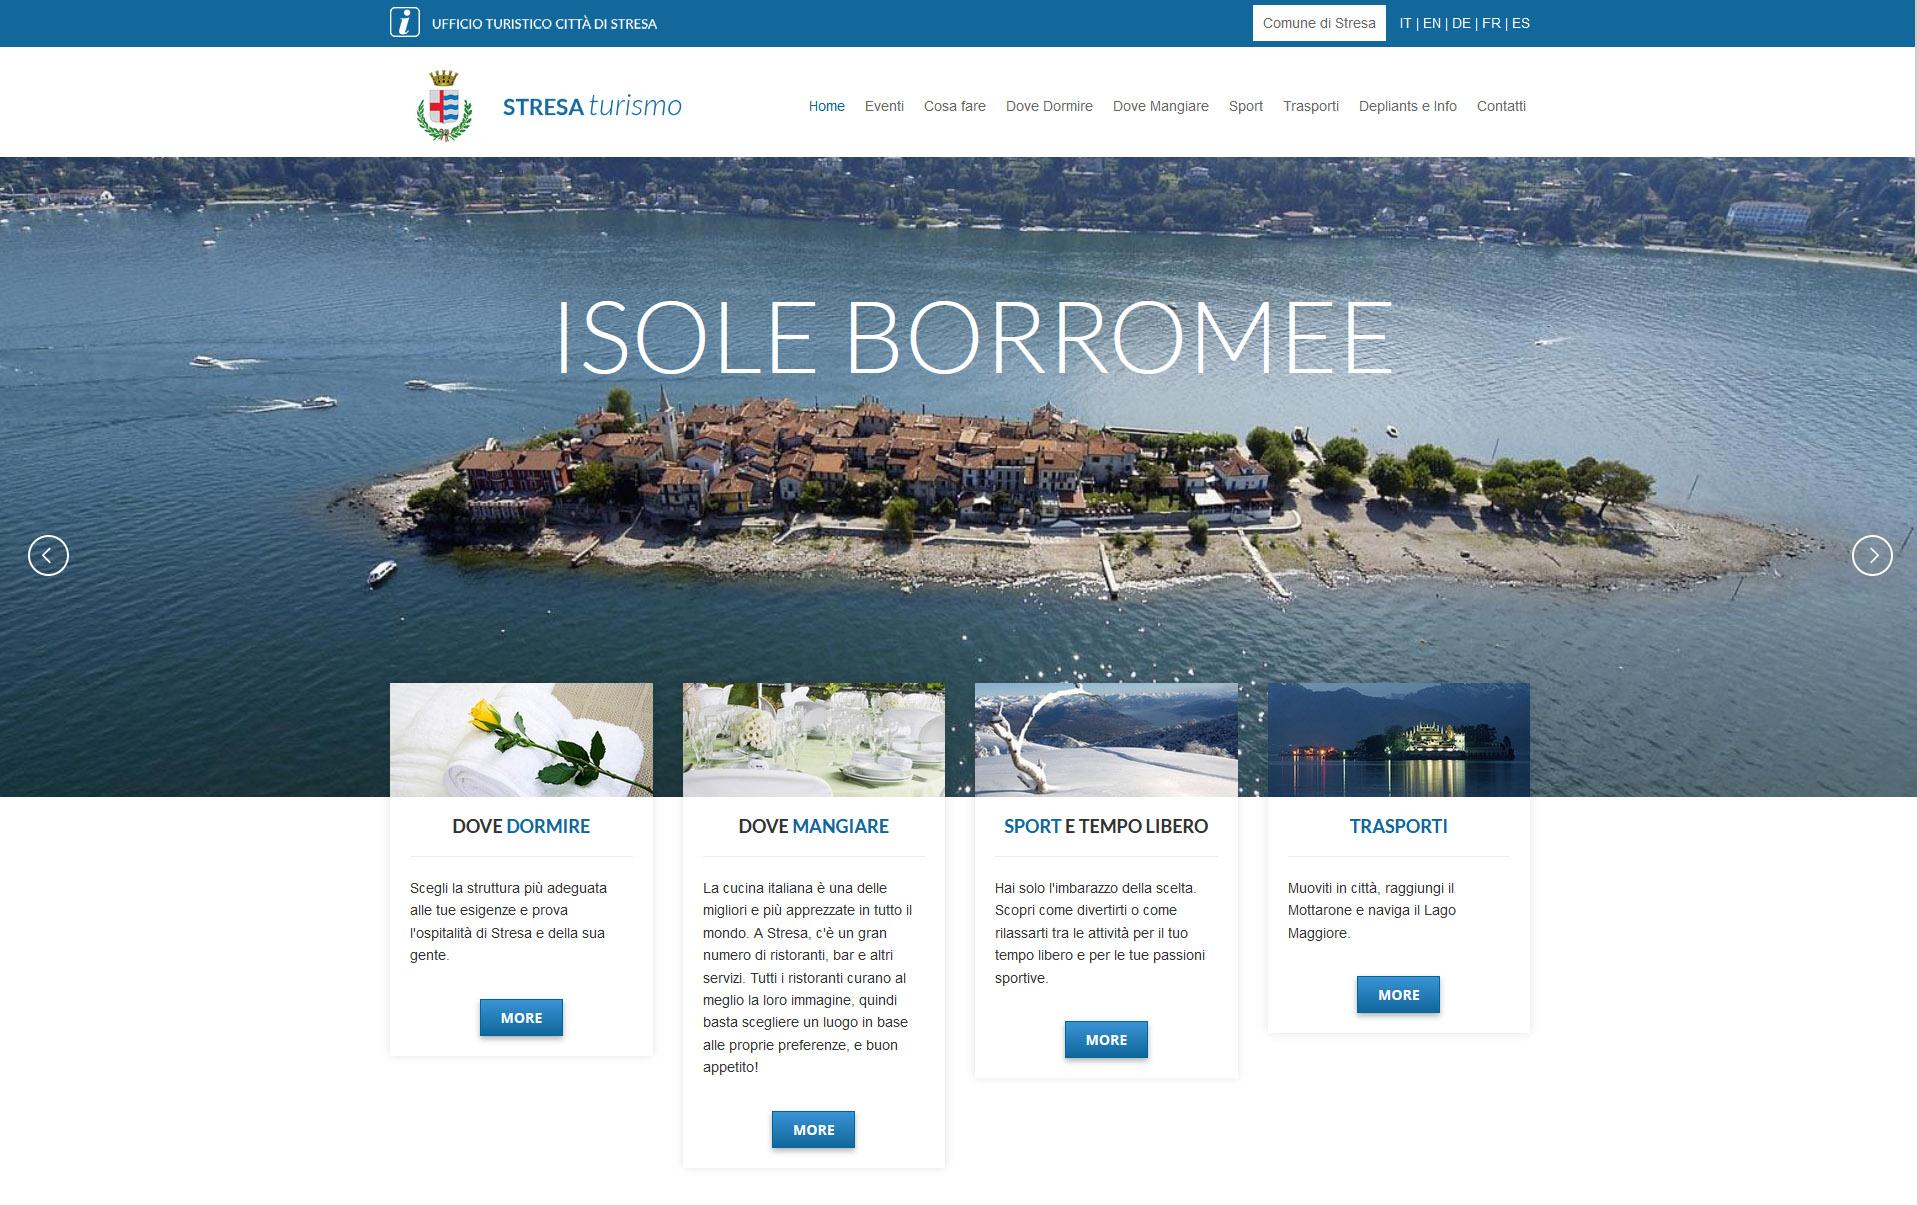 portale turistico realizzato con umbraco - stresa turismo